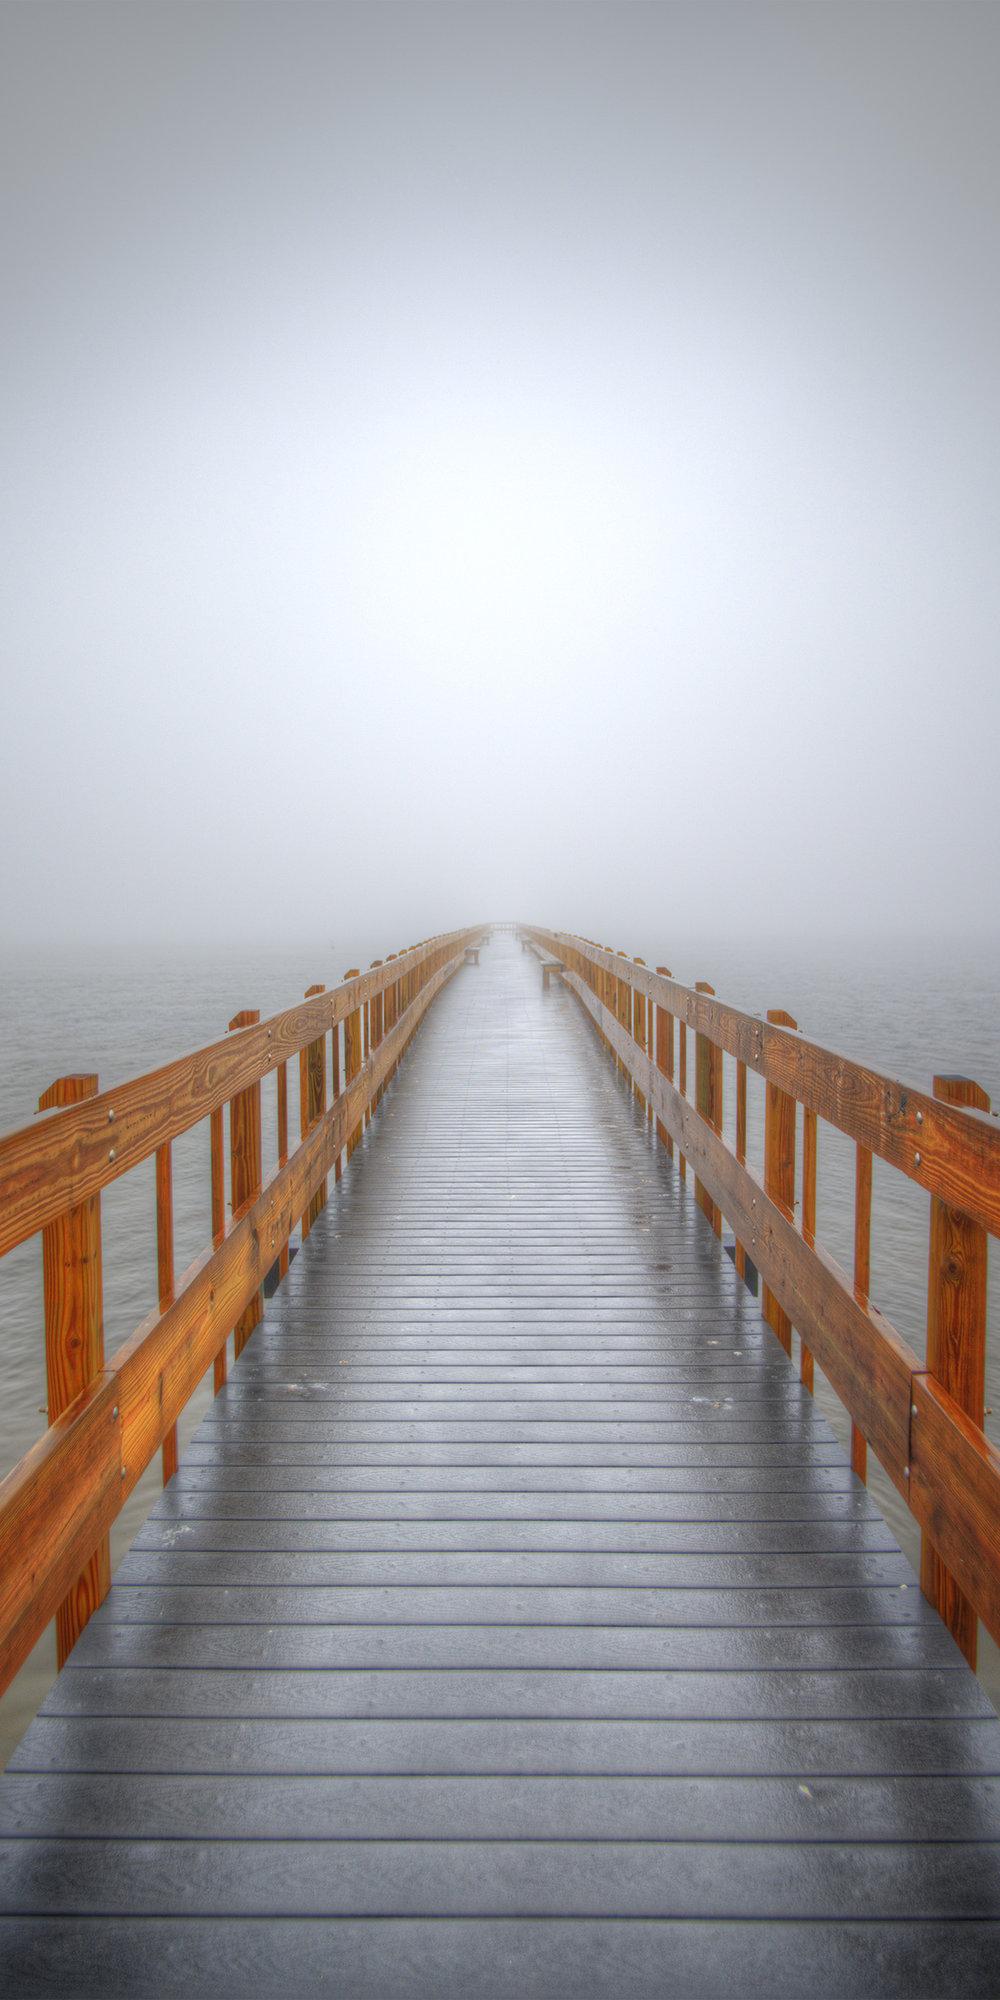 pier in fog.jpg